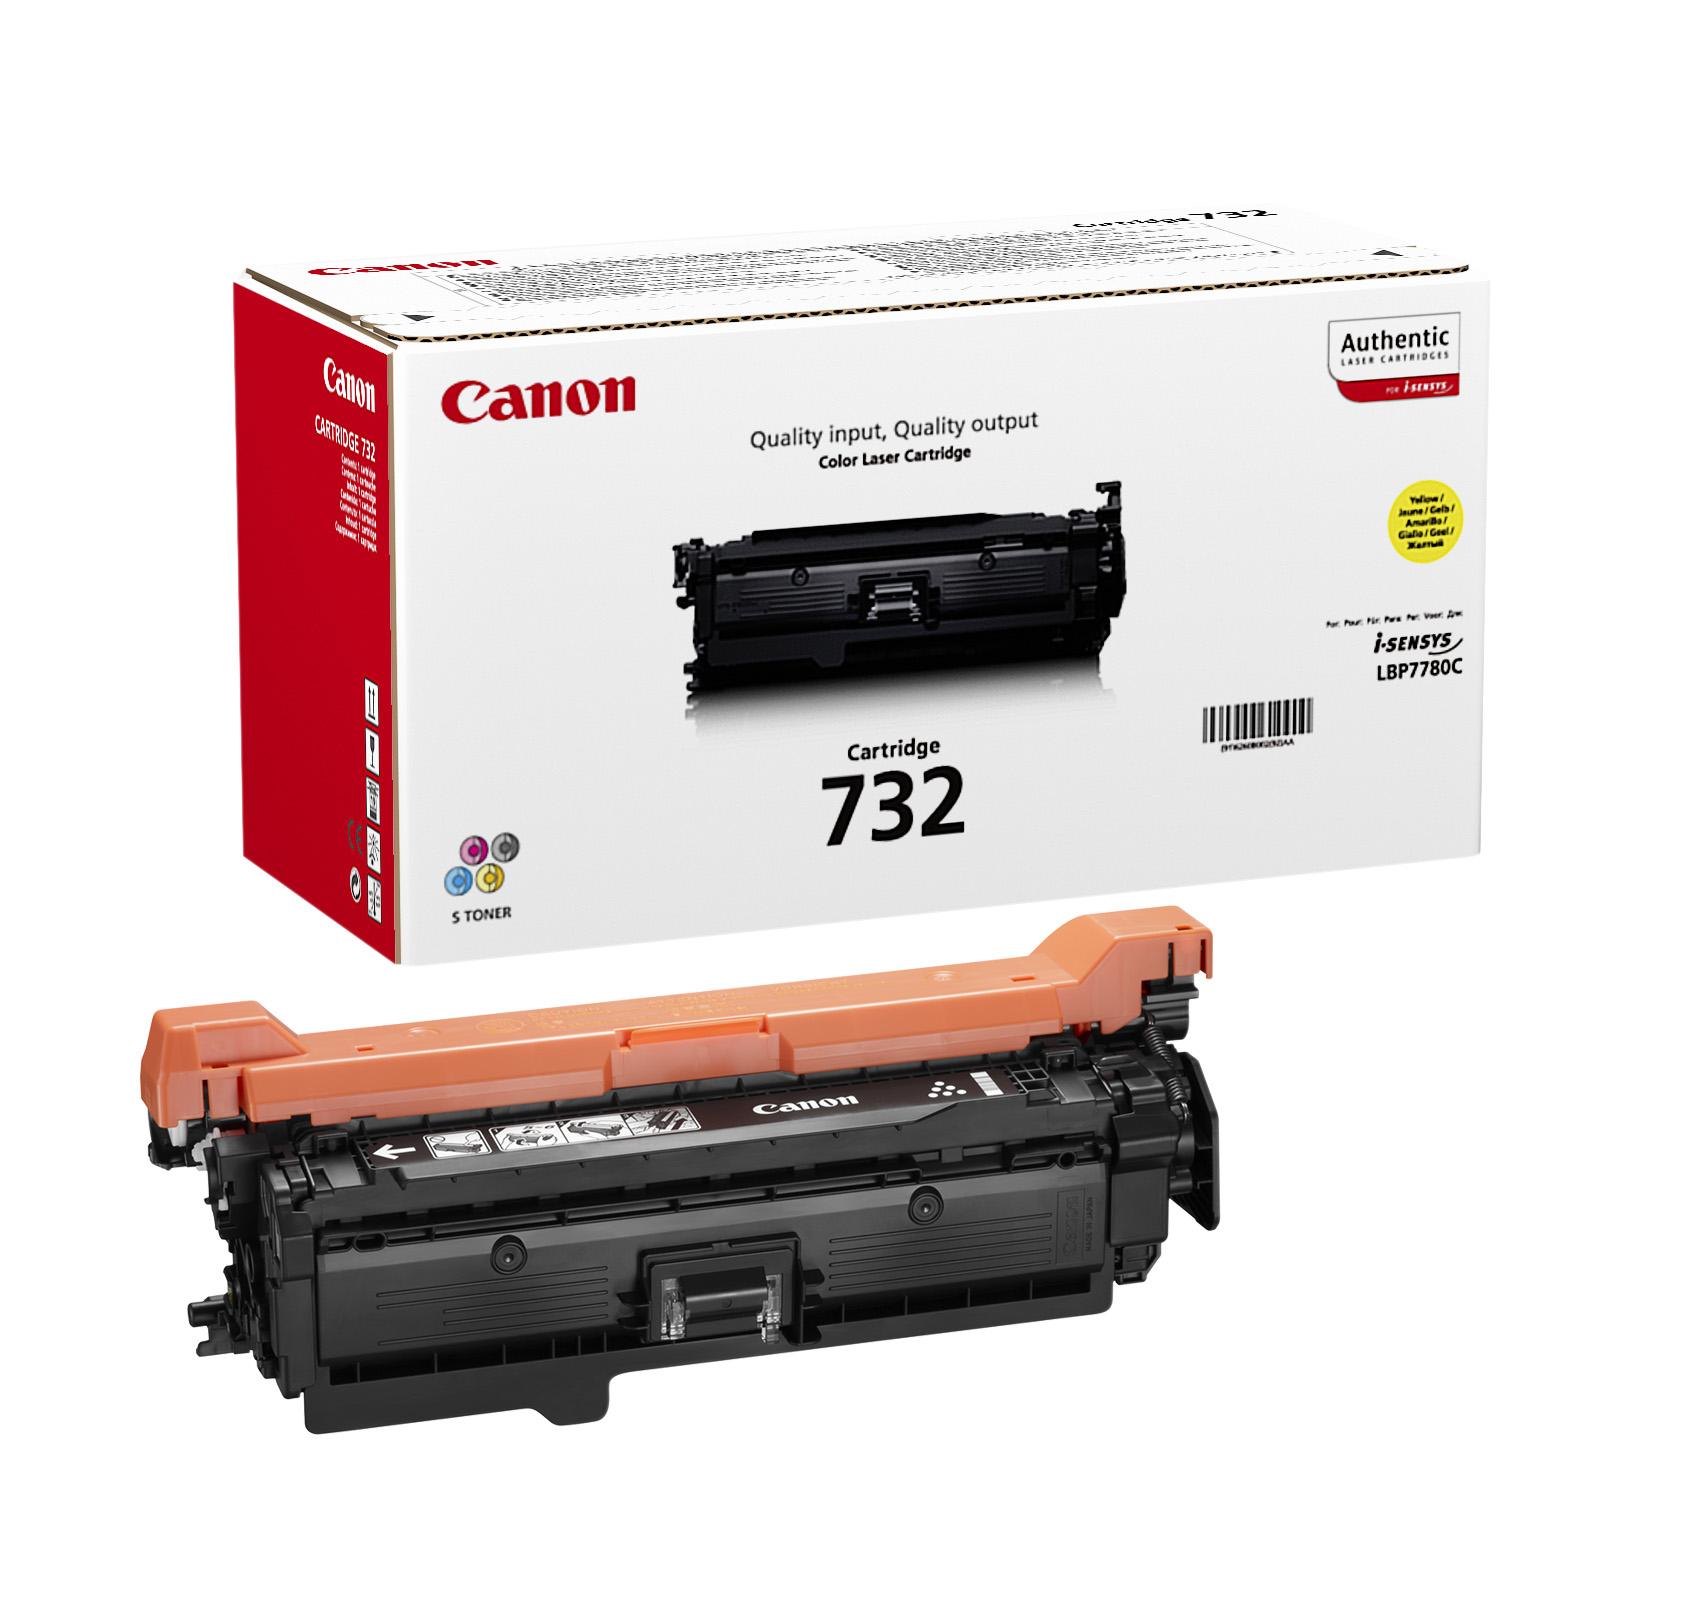 Картридж Canon 732Y для принтеров LBP7780Cx. Жёлтый. 6400 страниц.